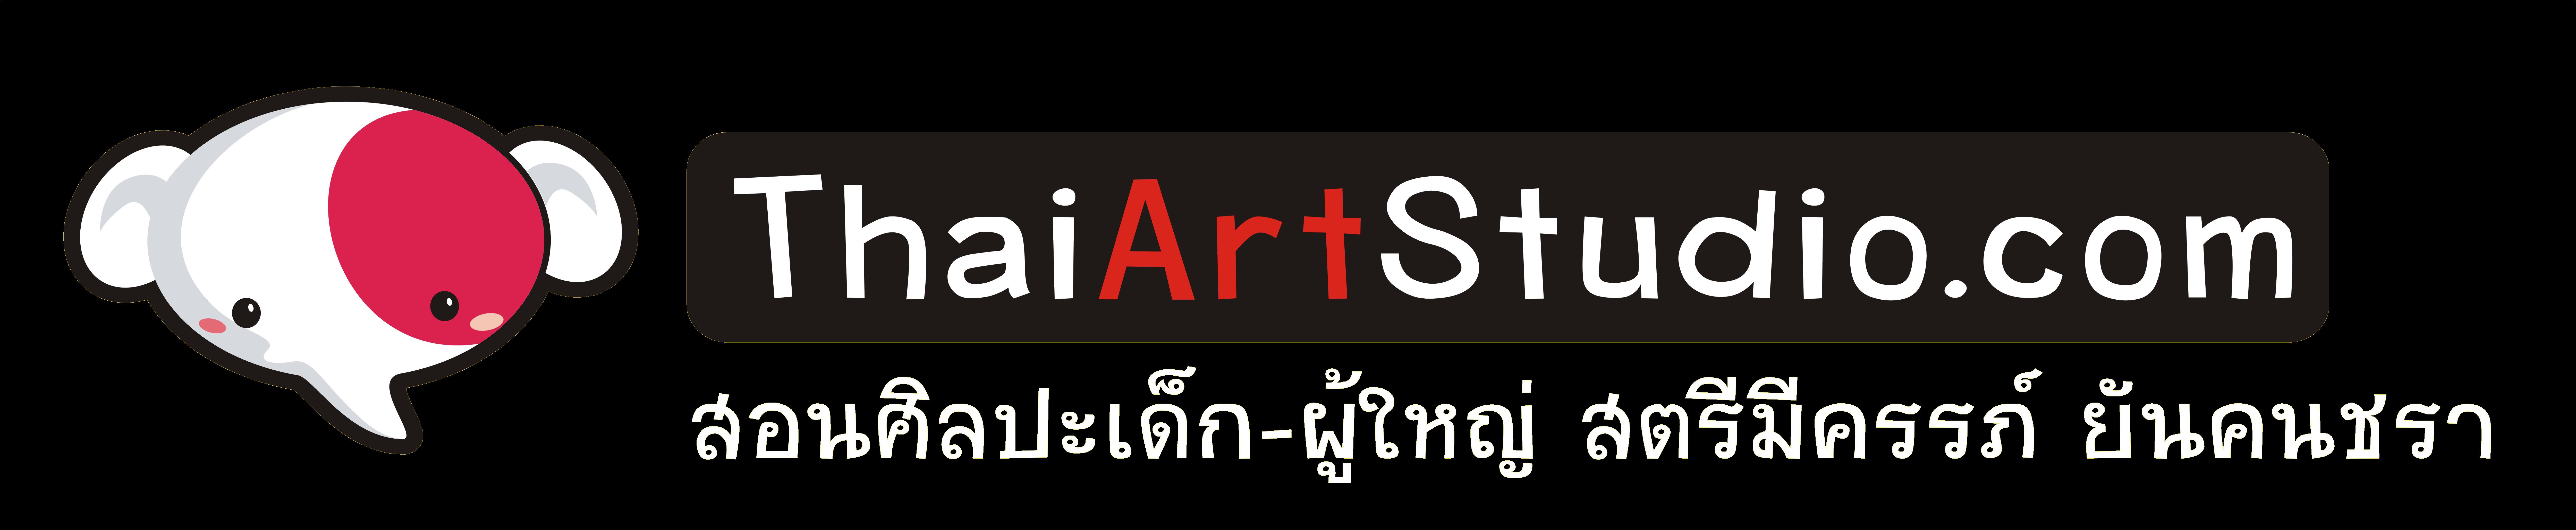 ThaiArtStudio.com สอนวาดรูป เด็ก-ผู้ใหญ่ สตรีมีครรภ์ ยันคนชรา